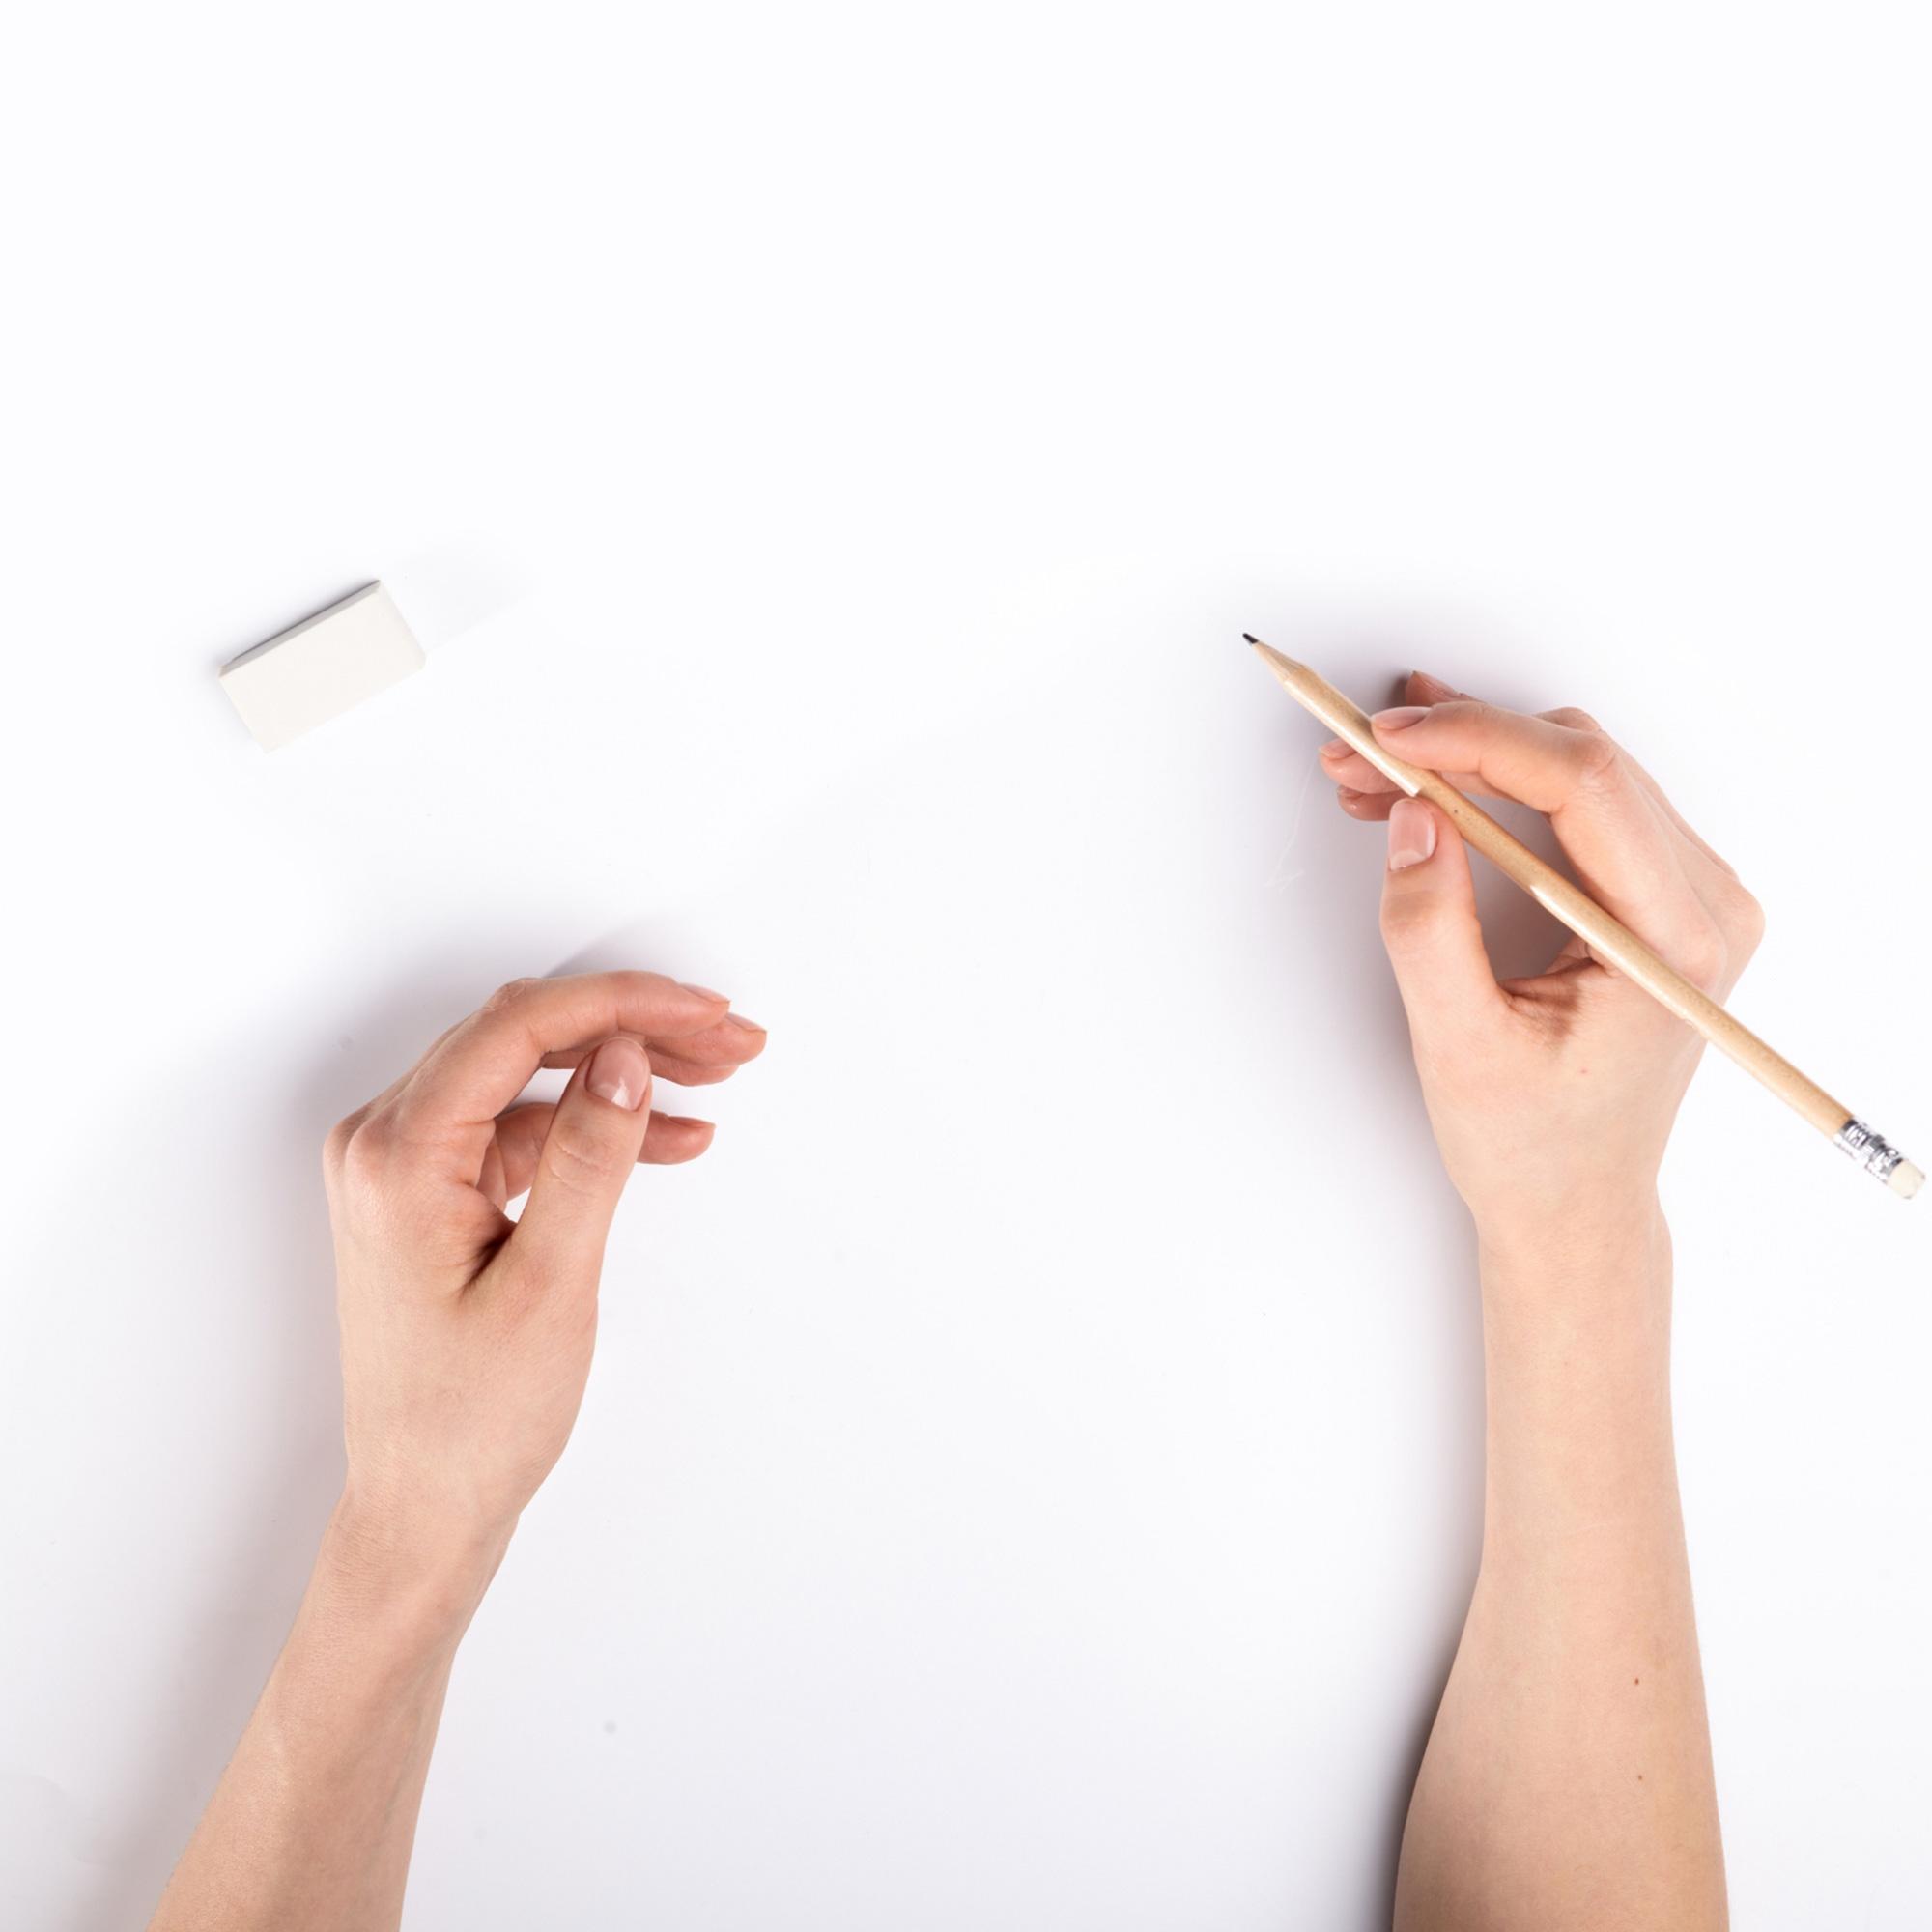 紙に文字を書こうとしている場面